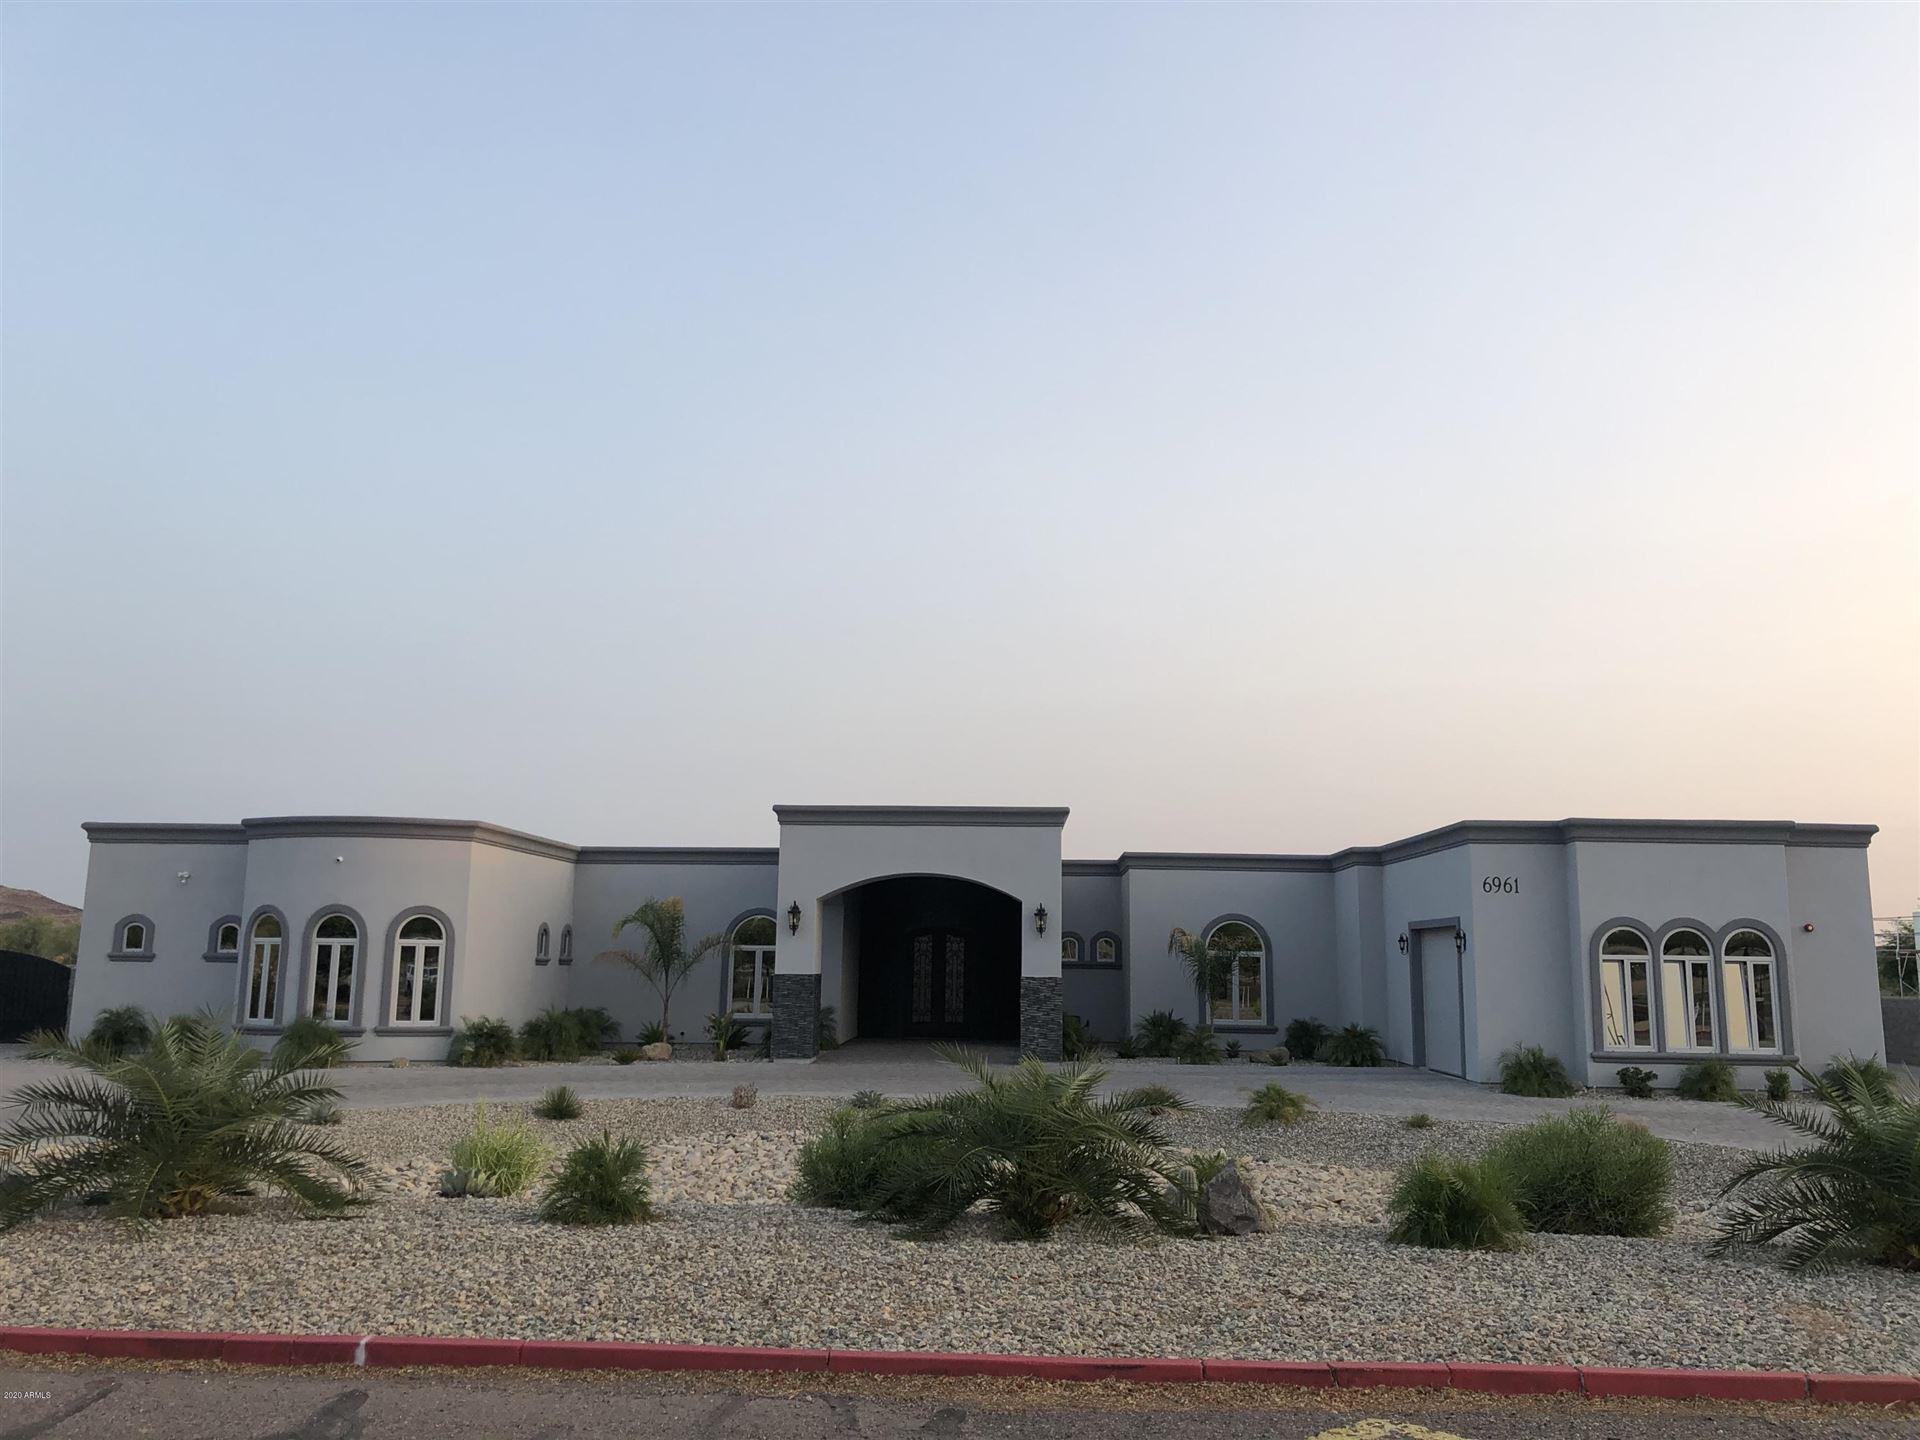 6961 W HATFIELD Road, Peoria, AZ 85383 - MLS#: 6137300